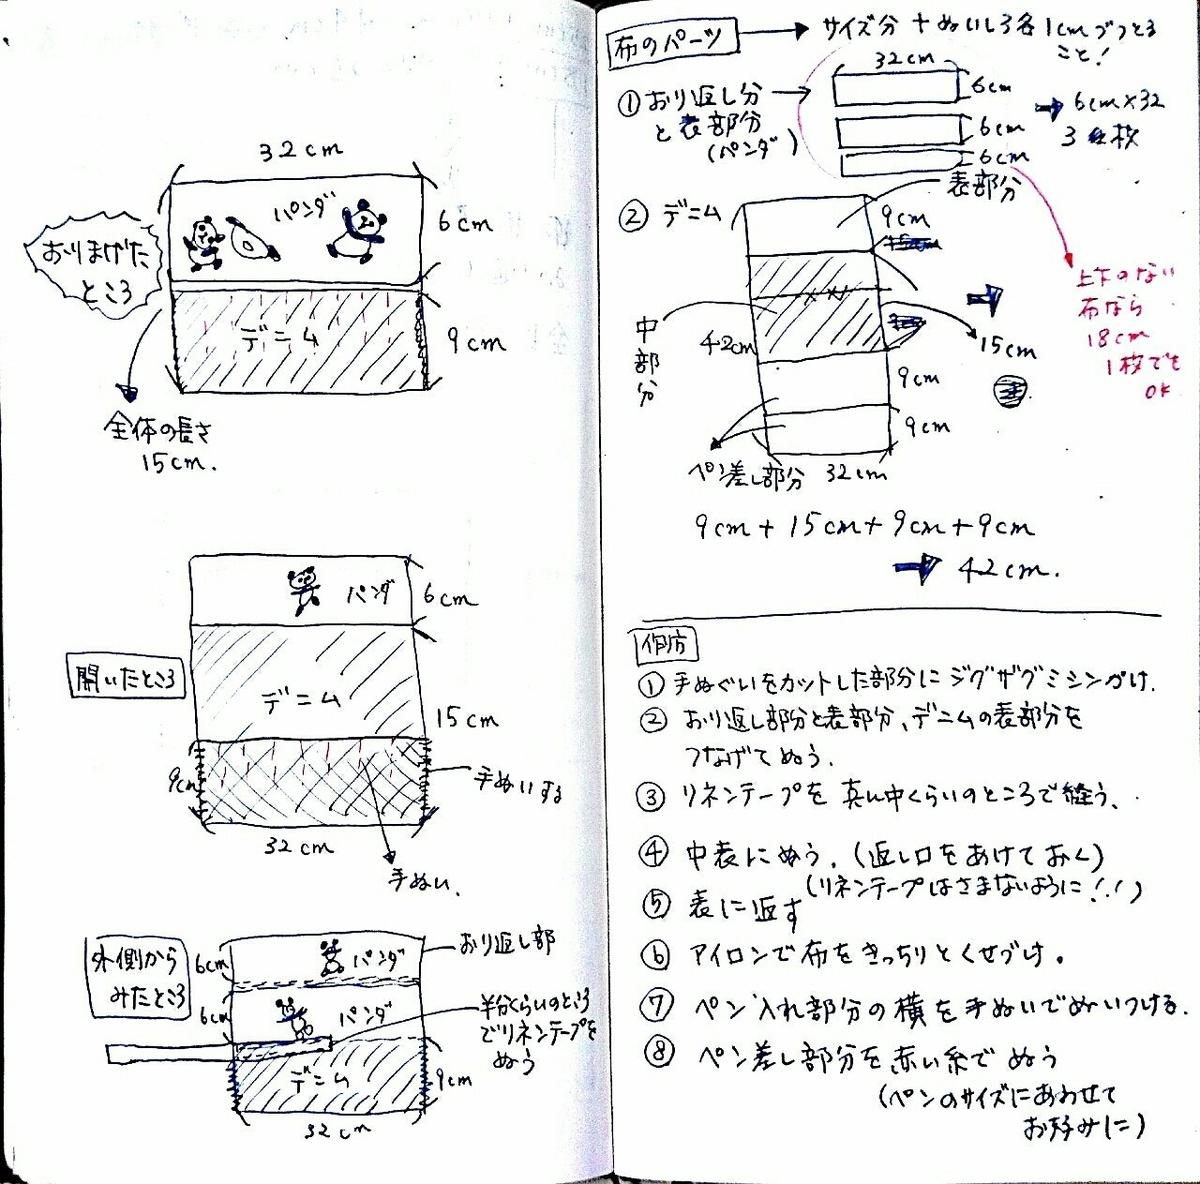 ダイソーの手ぬぐいで作る筆巻きのレシピ